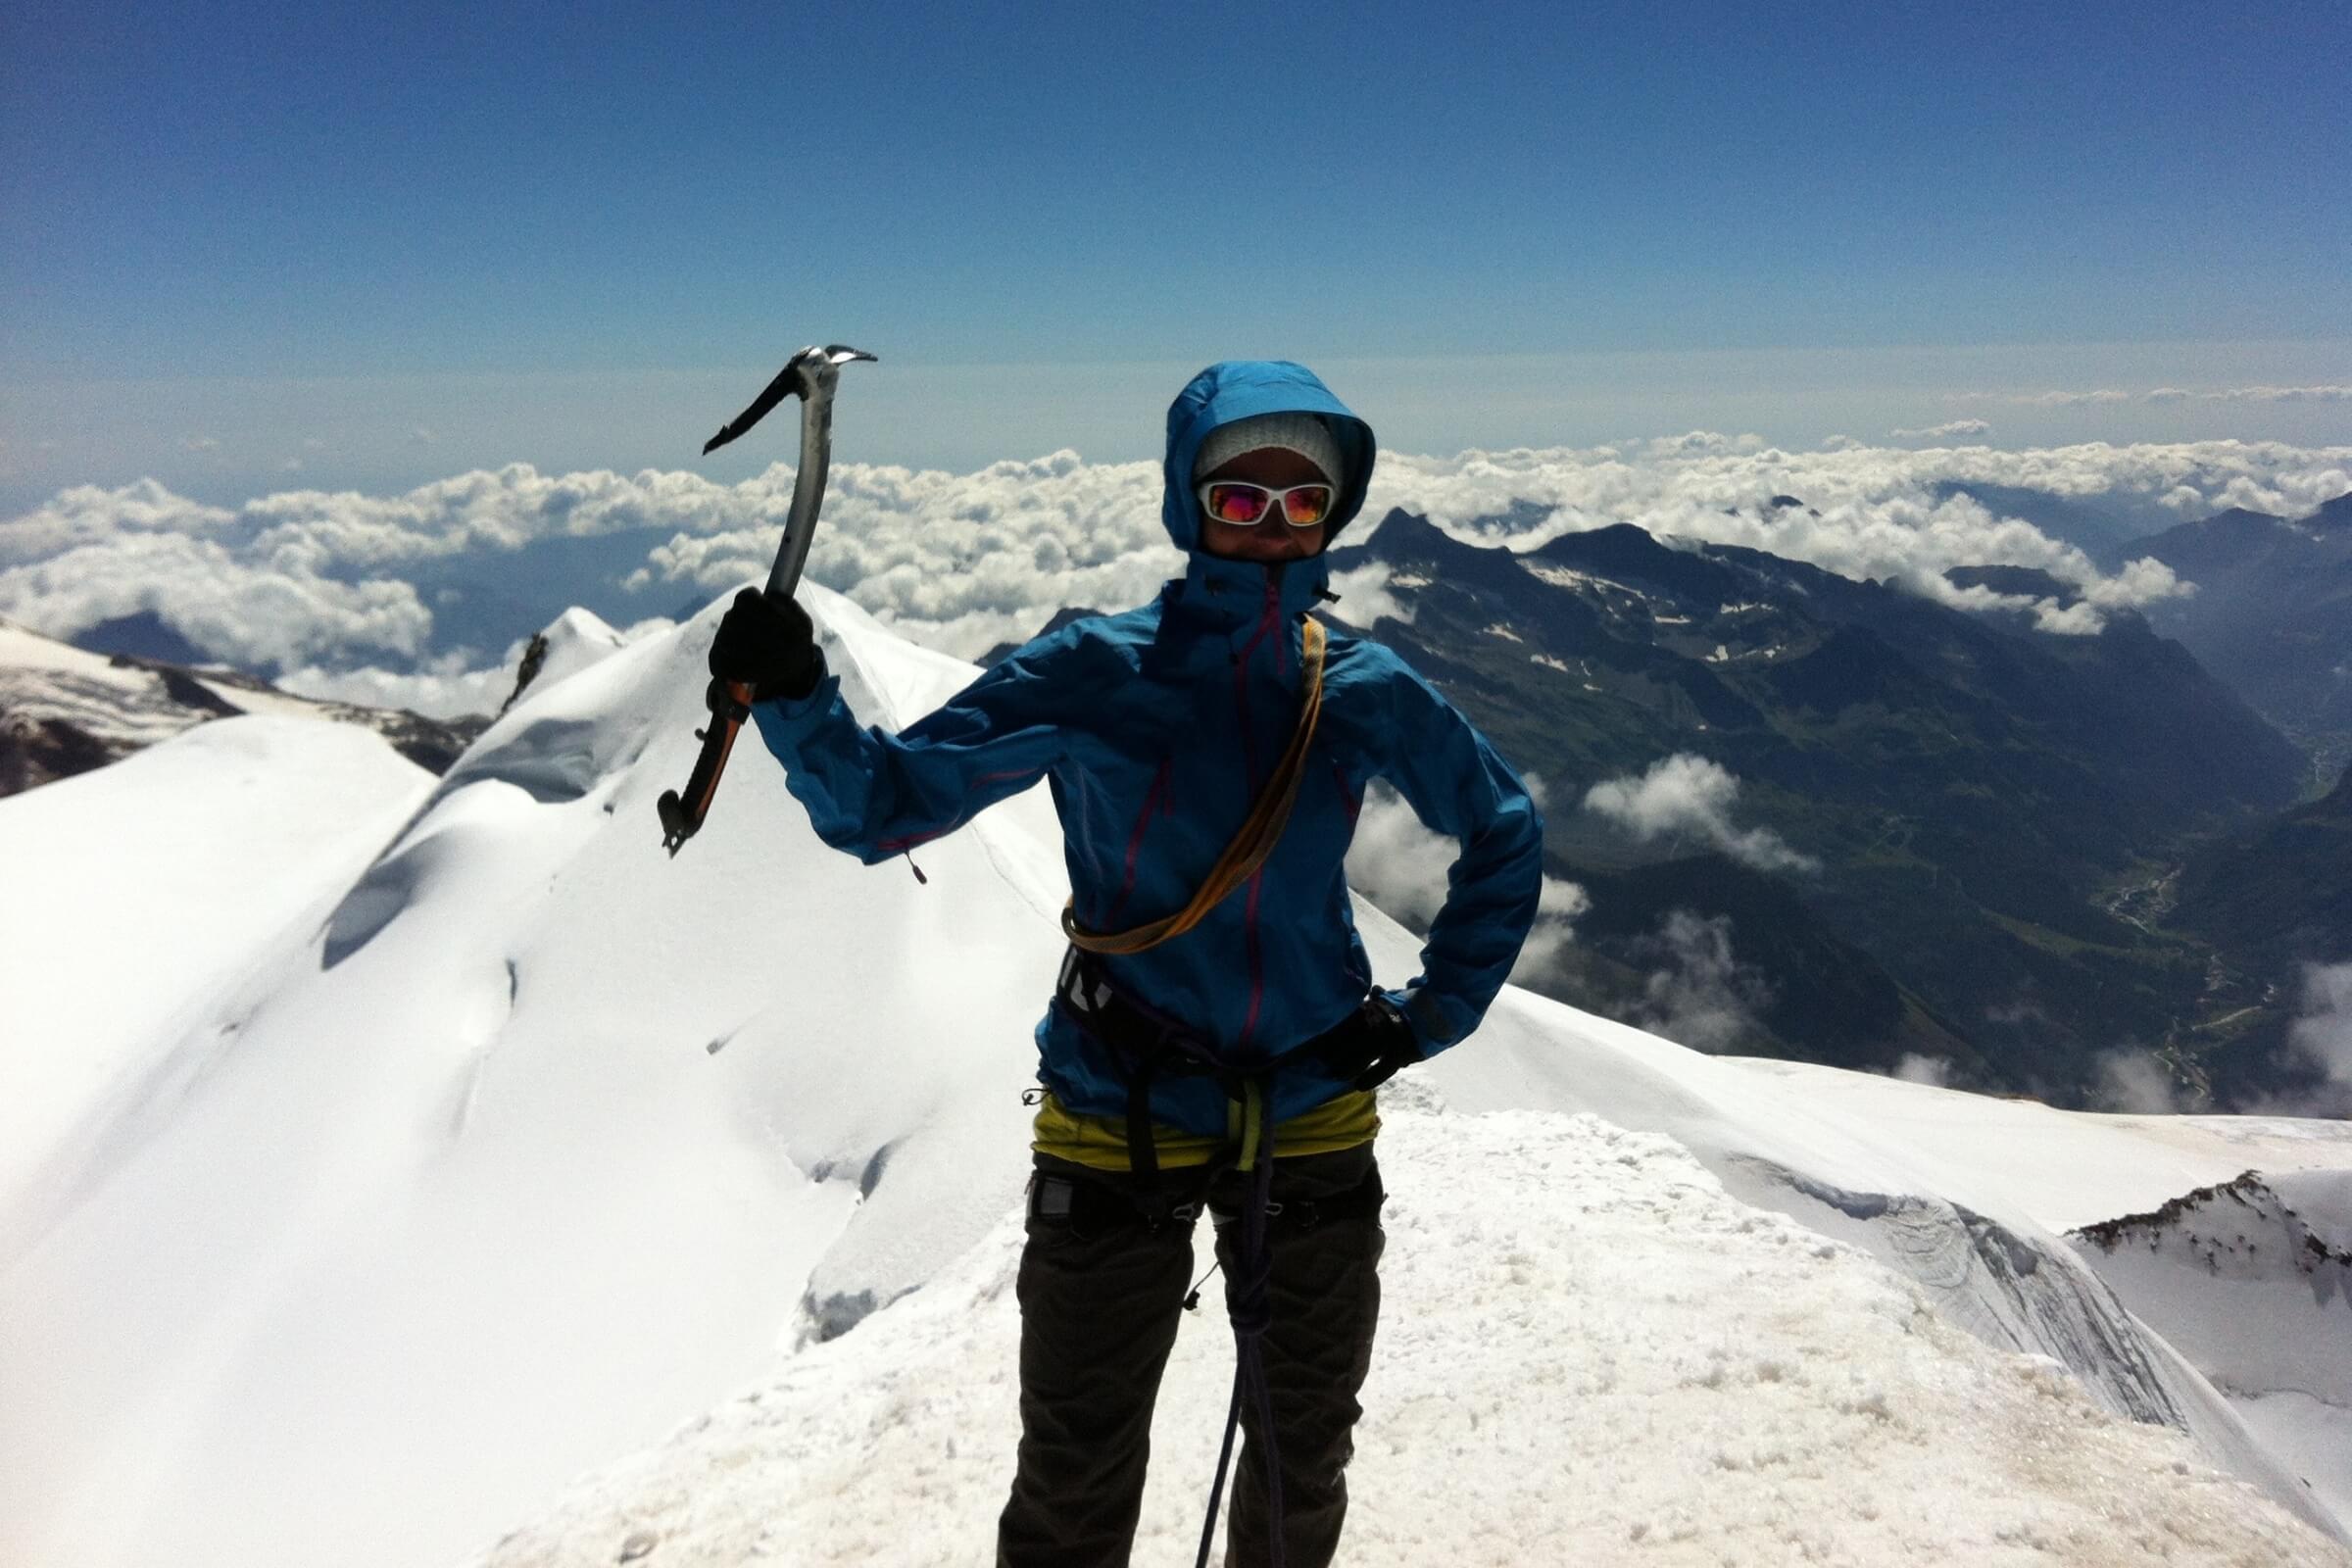 Meet Gabriela from Zermatt in the Meet the Locals series